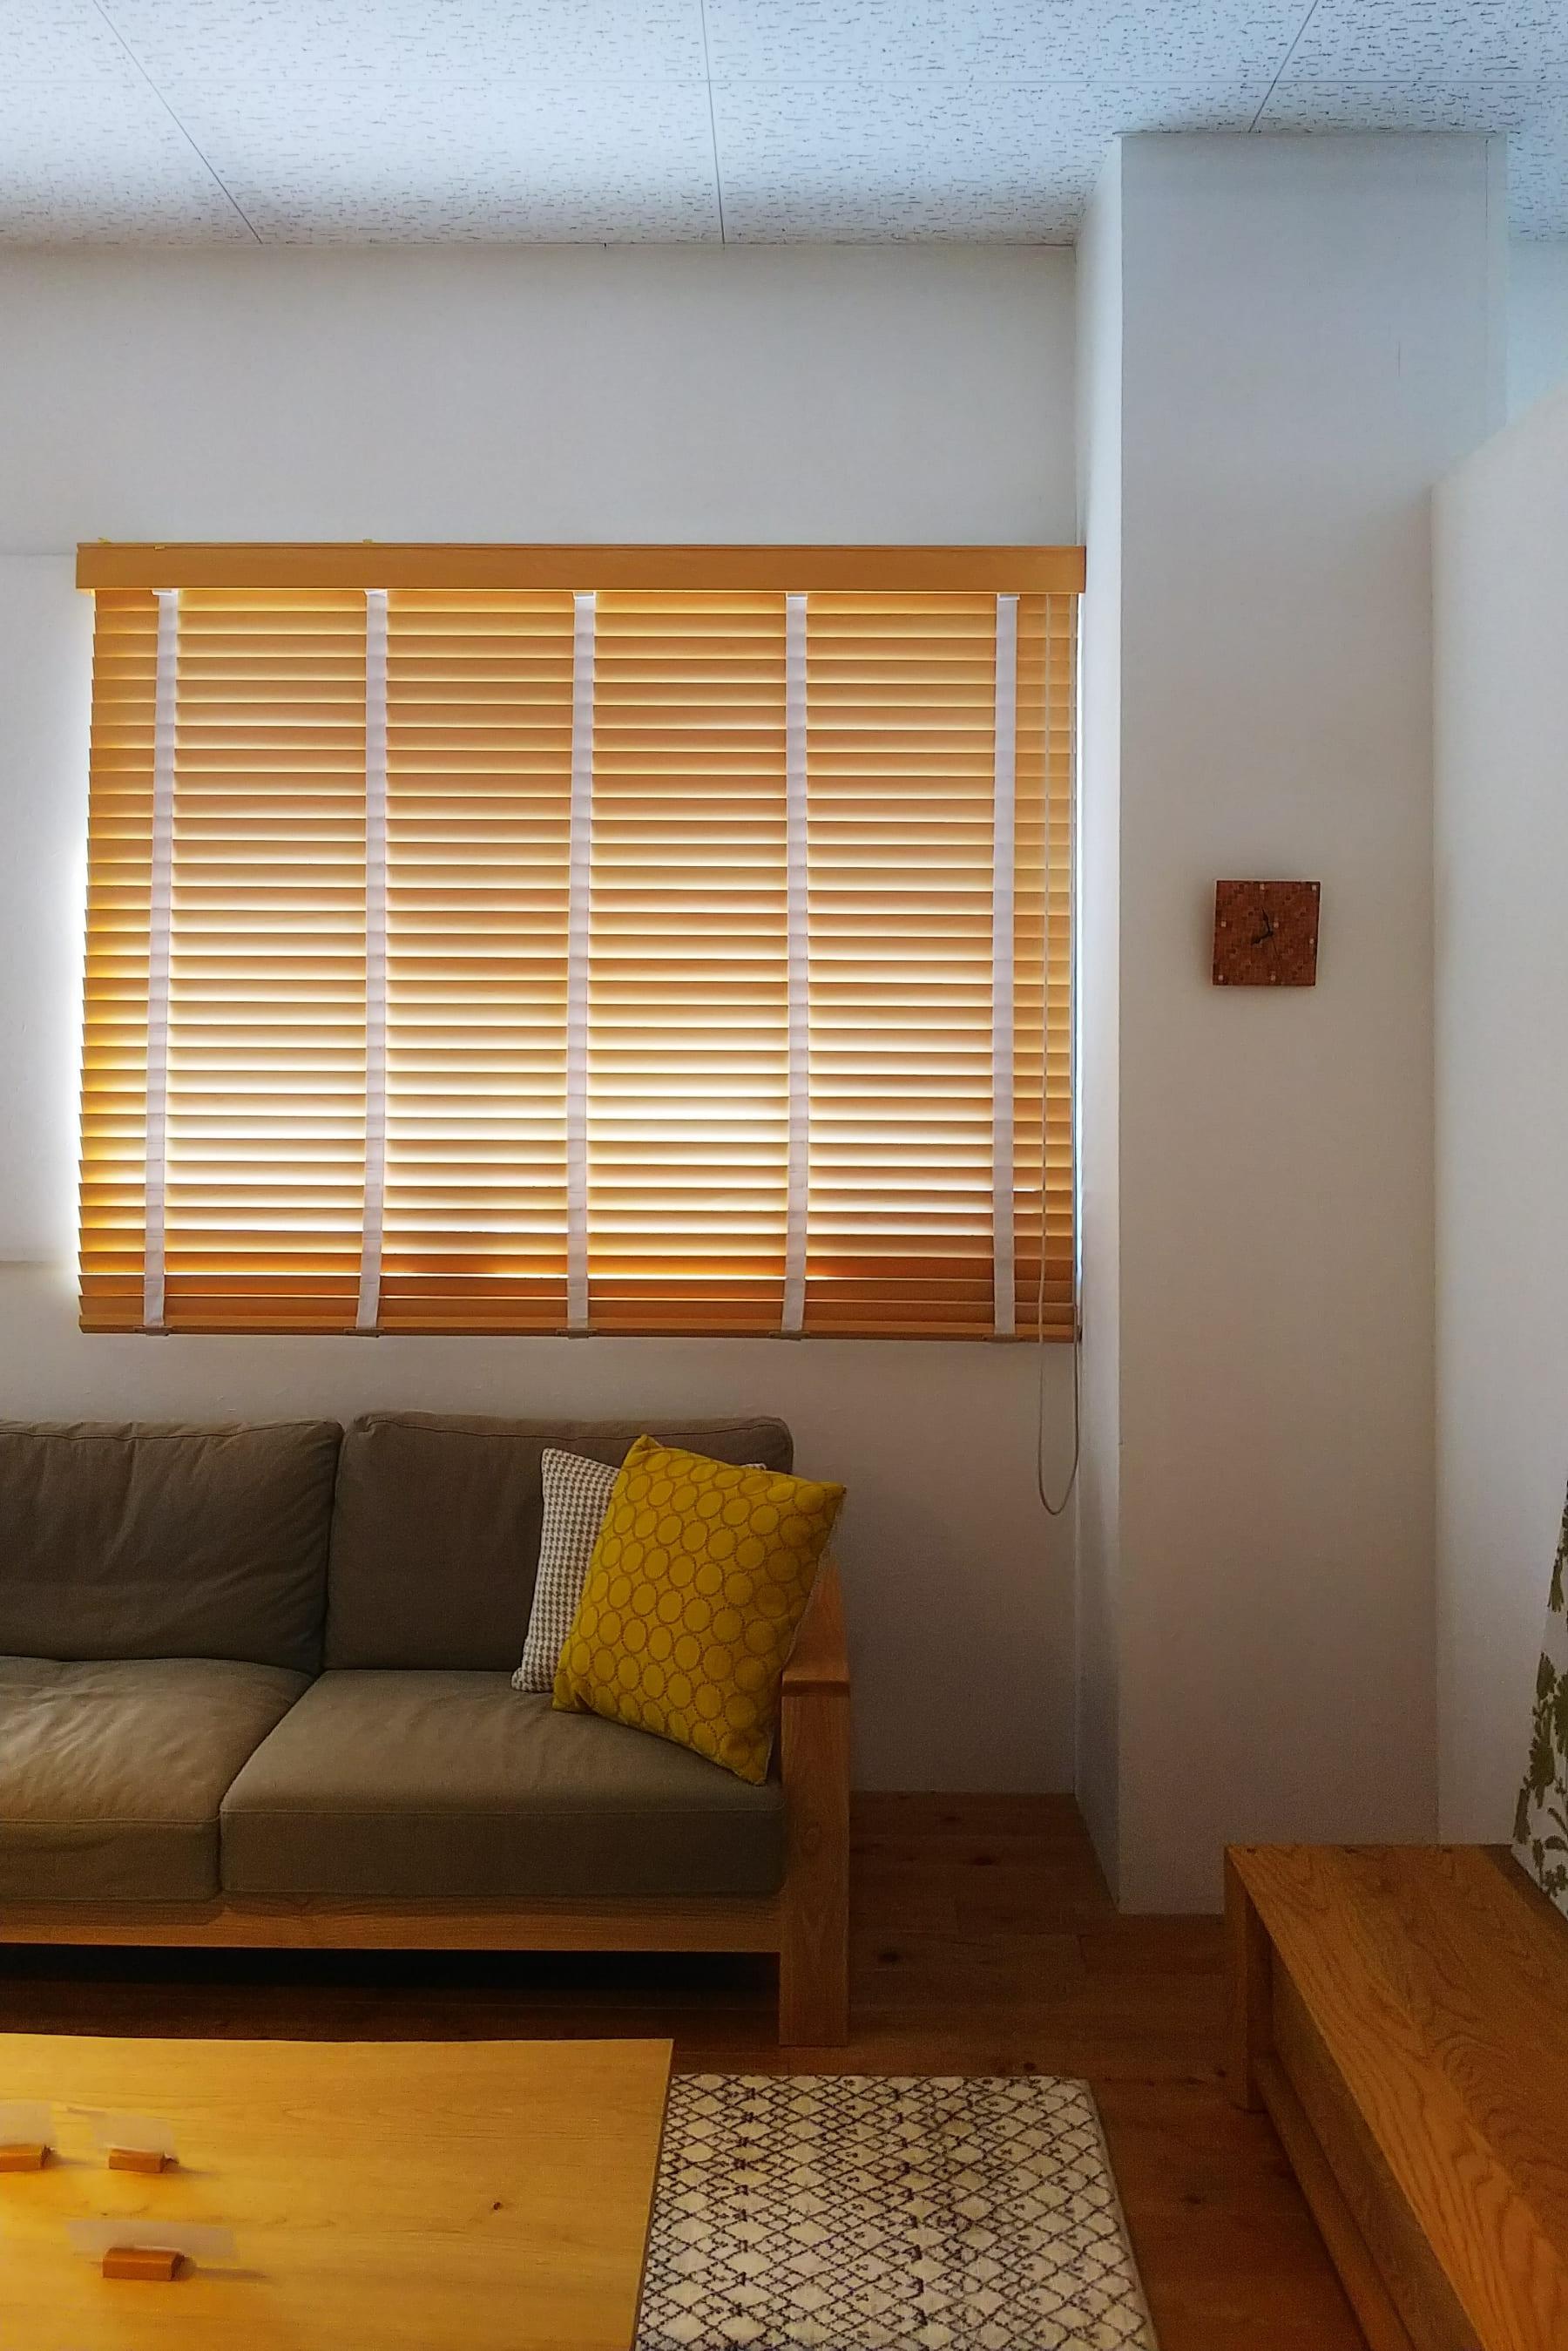 木製ブラインドがついているお部屋の様子